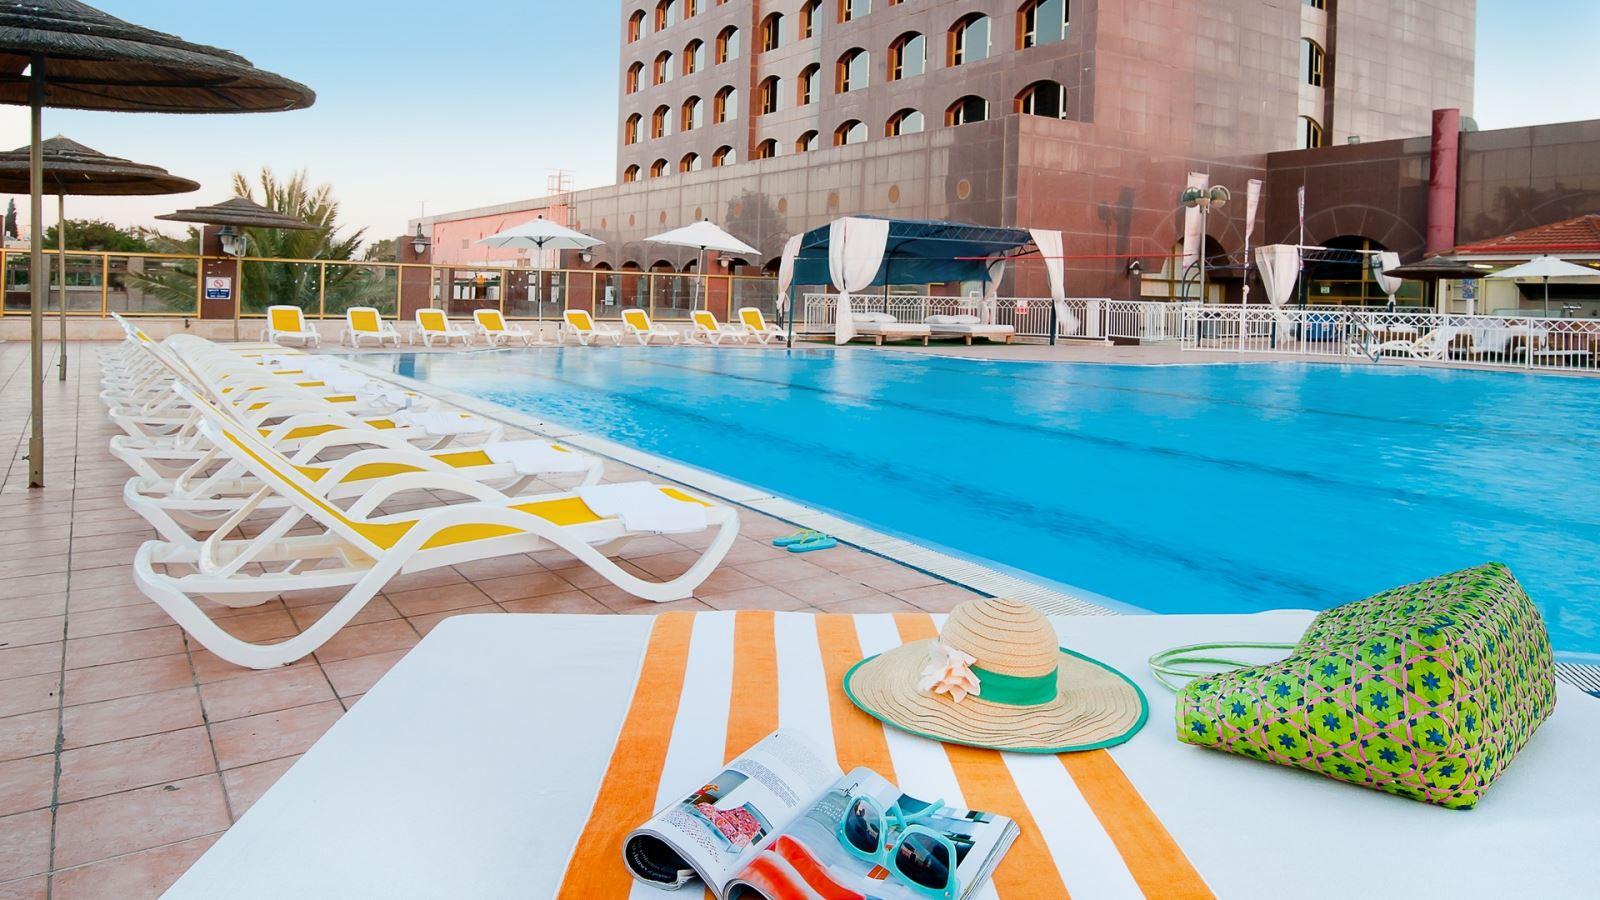 חופשה מפנקת במלון החדש לאונרדו נגב ב-30% הנחה!